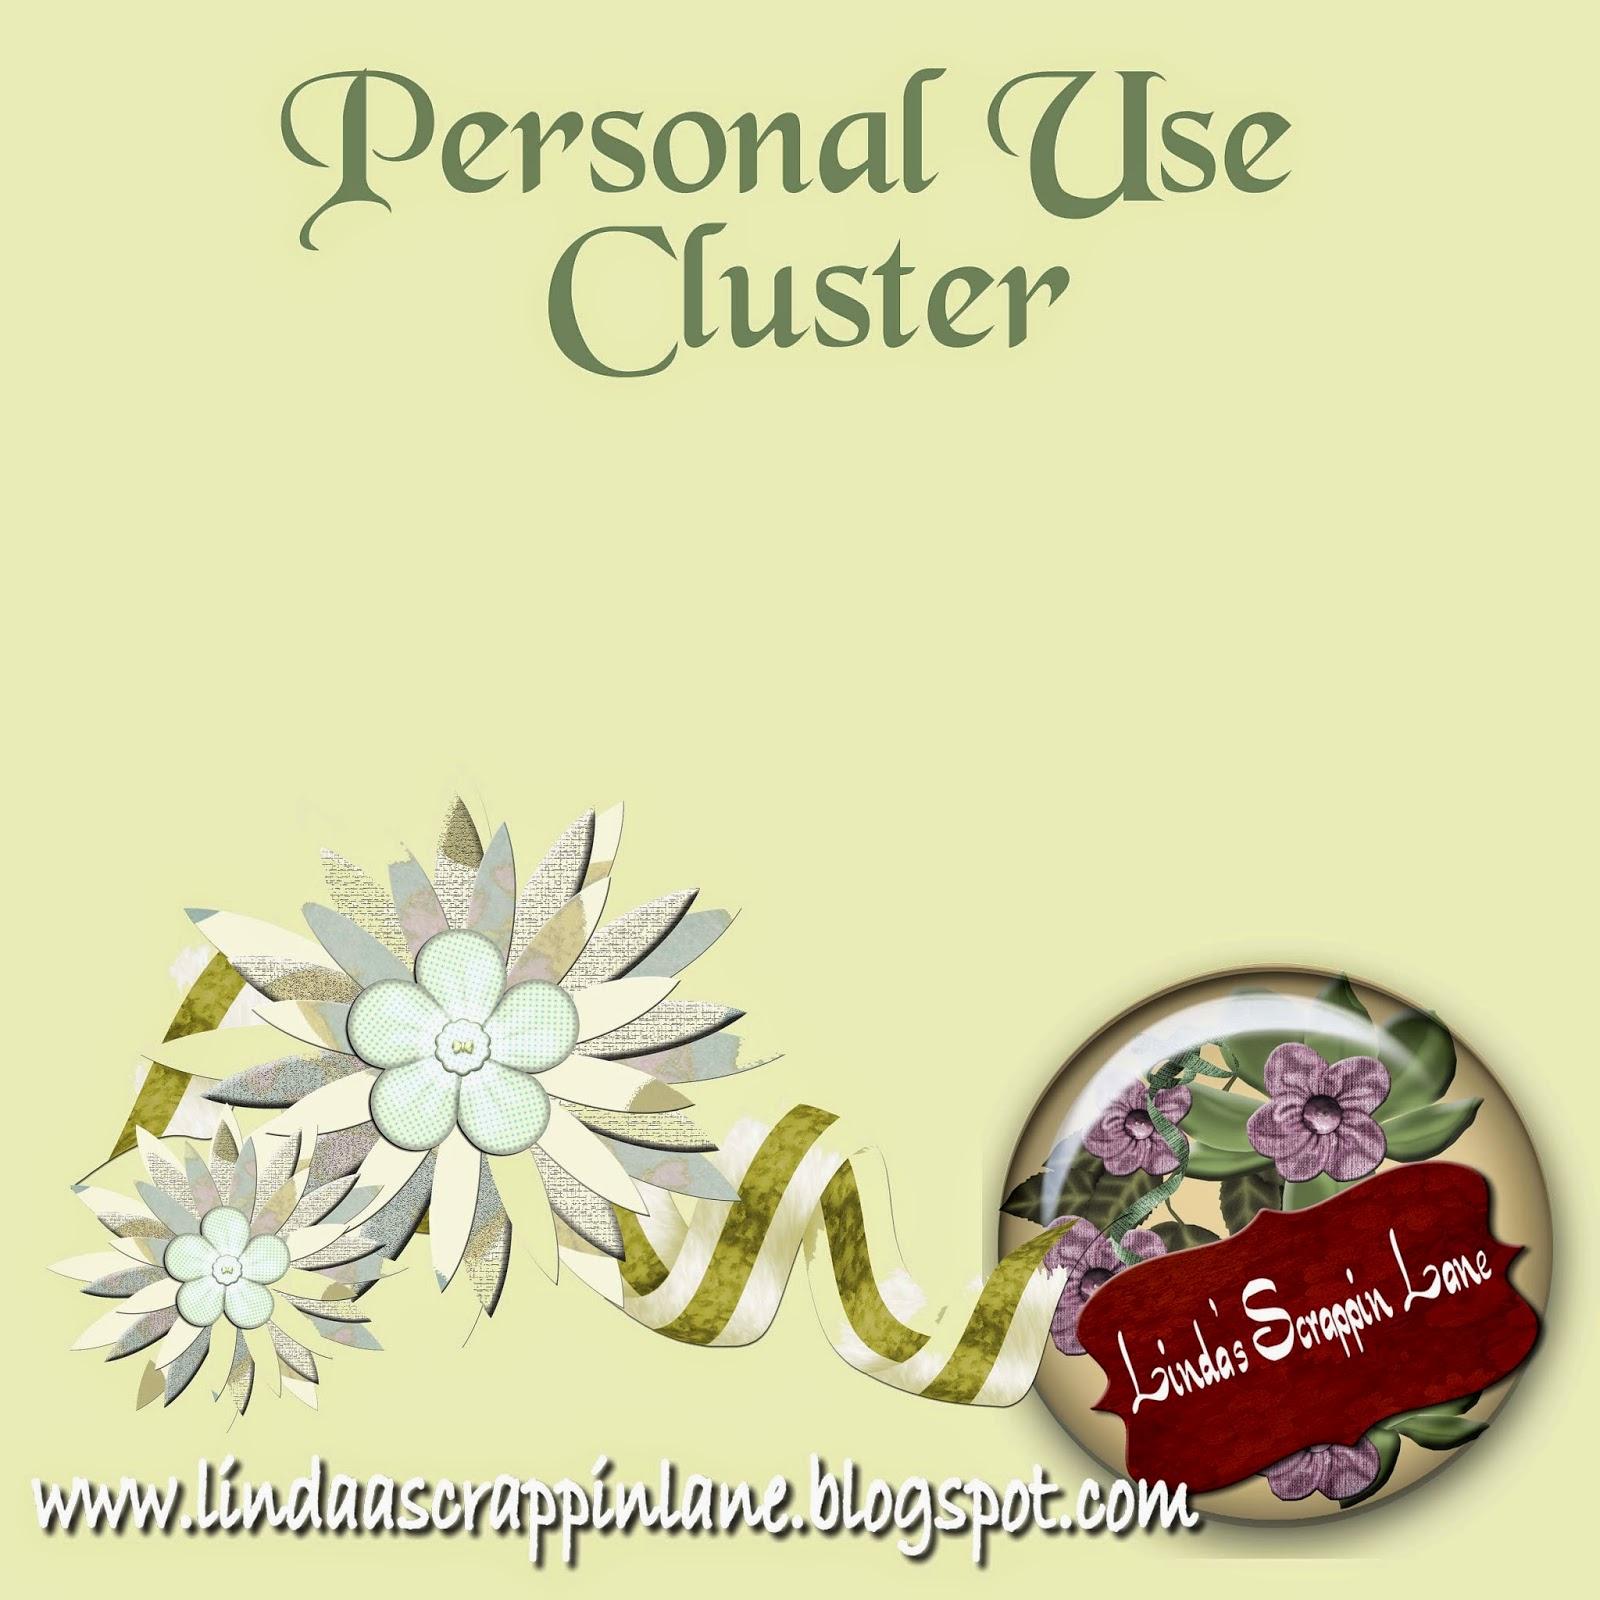 http://2.bp.blogspot.com/-dWTJjbhJDF4/VF7dUjutmPI/AAAAAAAAAr8/RELNdONnN2Y/s1600/LSL%2BNov%2B8%2BBlog%2BFreebie.jpg